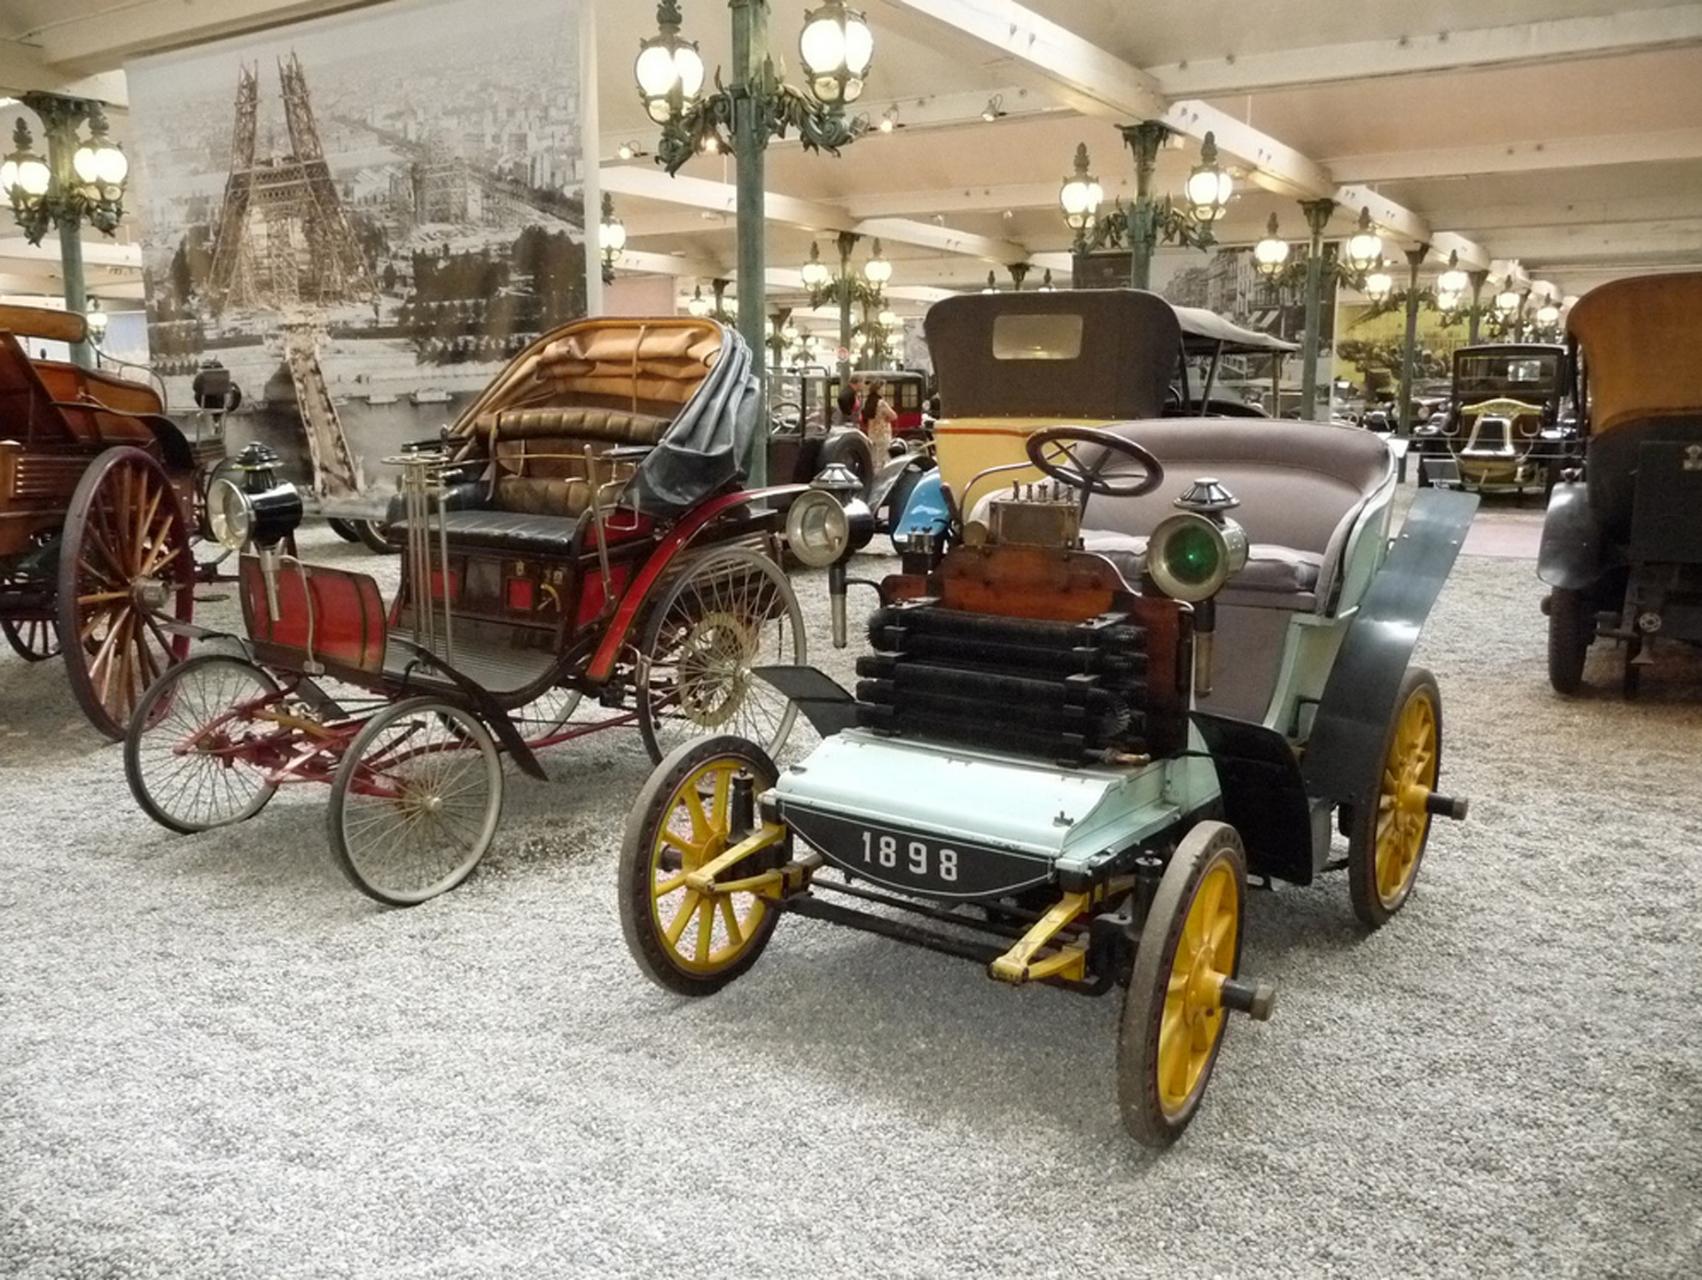 mulhouse la cit de l automobile visiotours voyages sur mesure. Black Bedroom Furniture Sets. Home Design Ideas